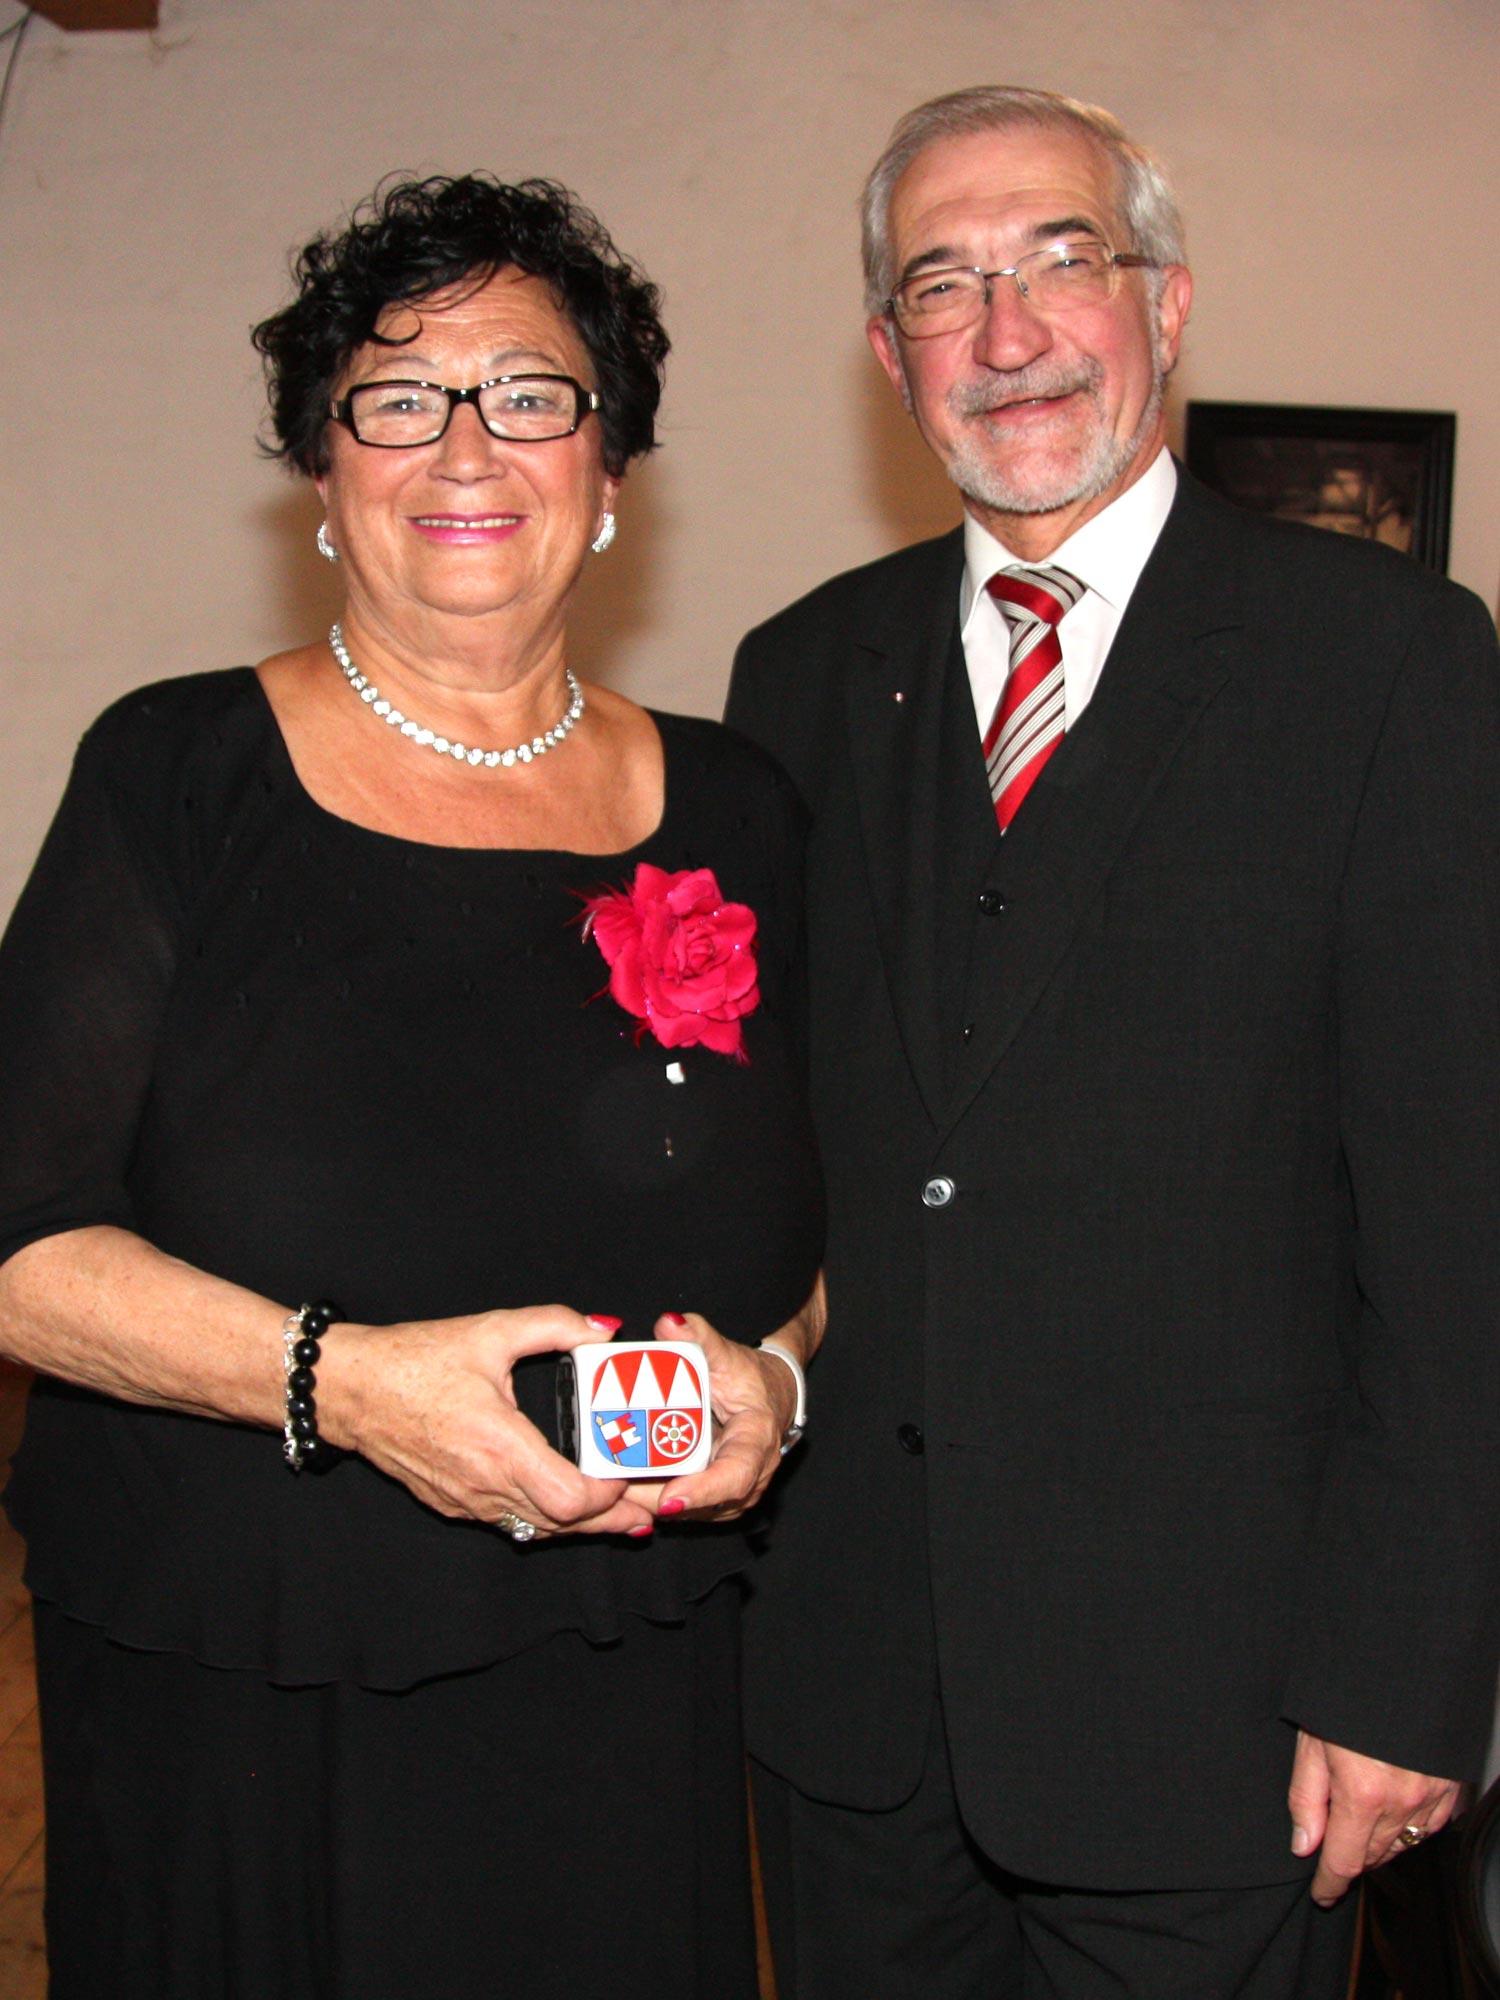 Verleihung des Frankenwürfels 2012 in Kulmbach